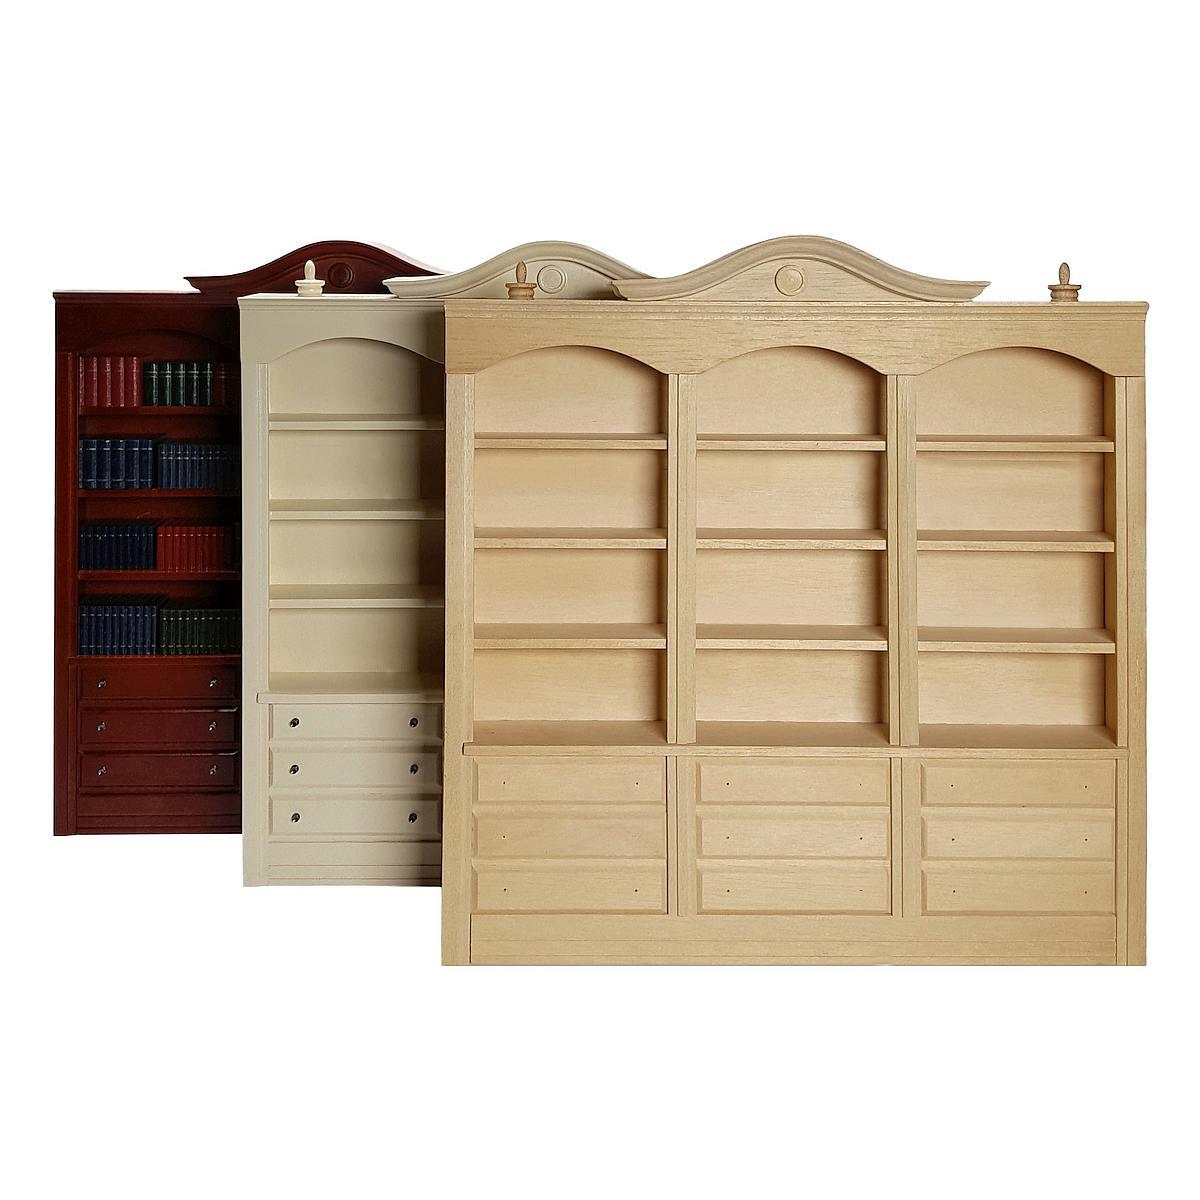 Großes Ladenregal - Bücherschrank